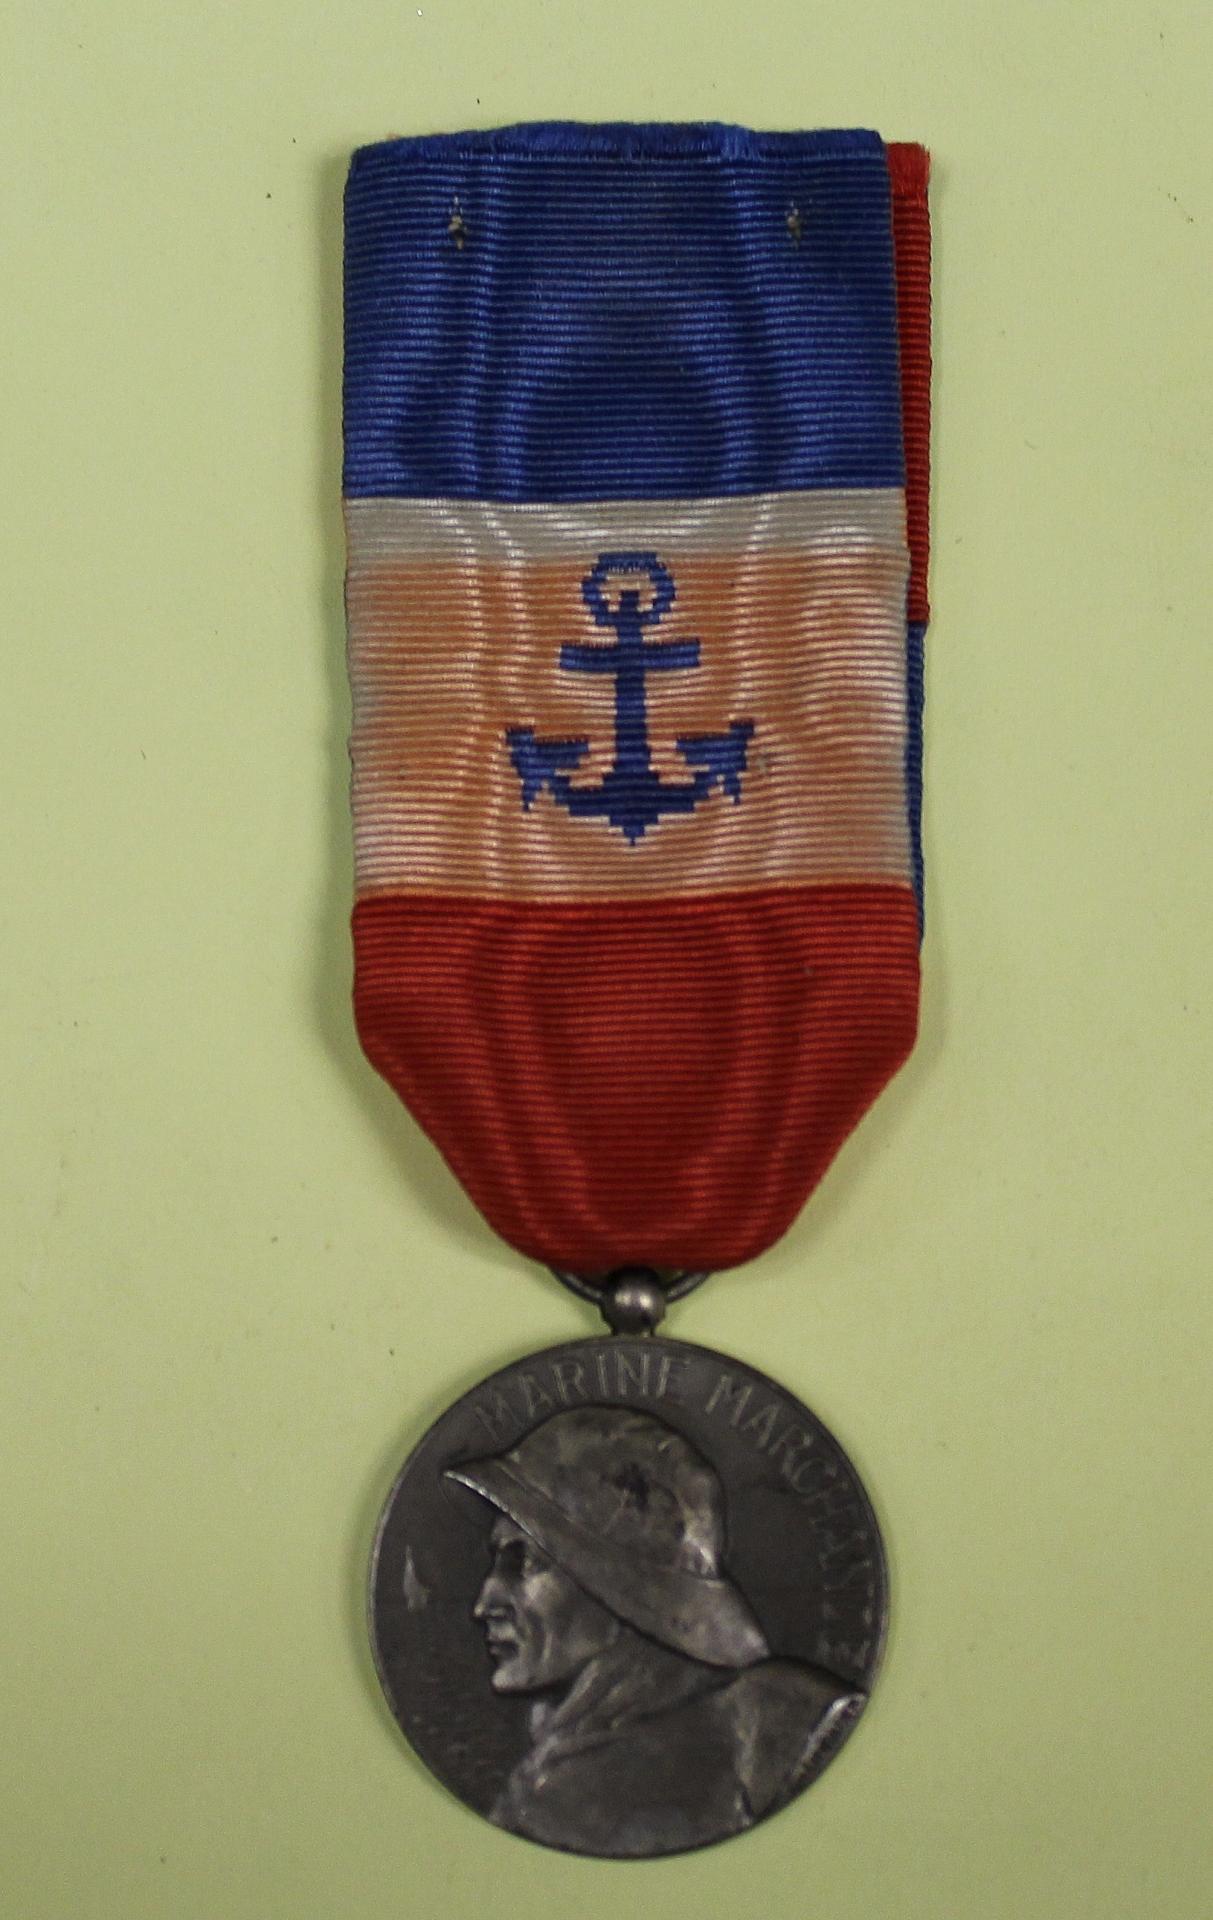 Calais medaille j ternisien recto